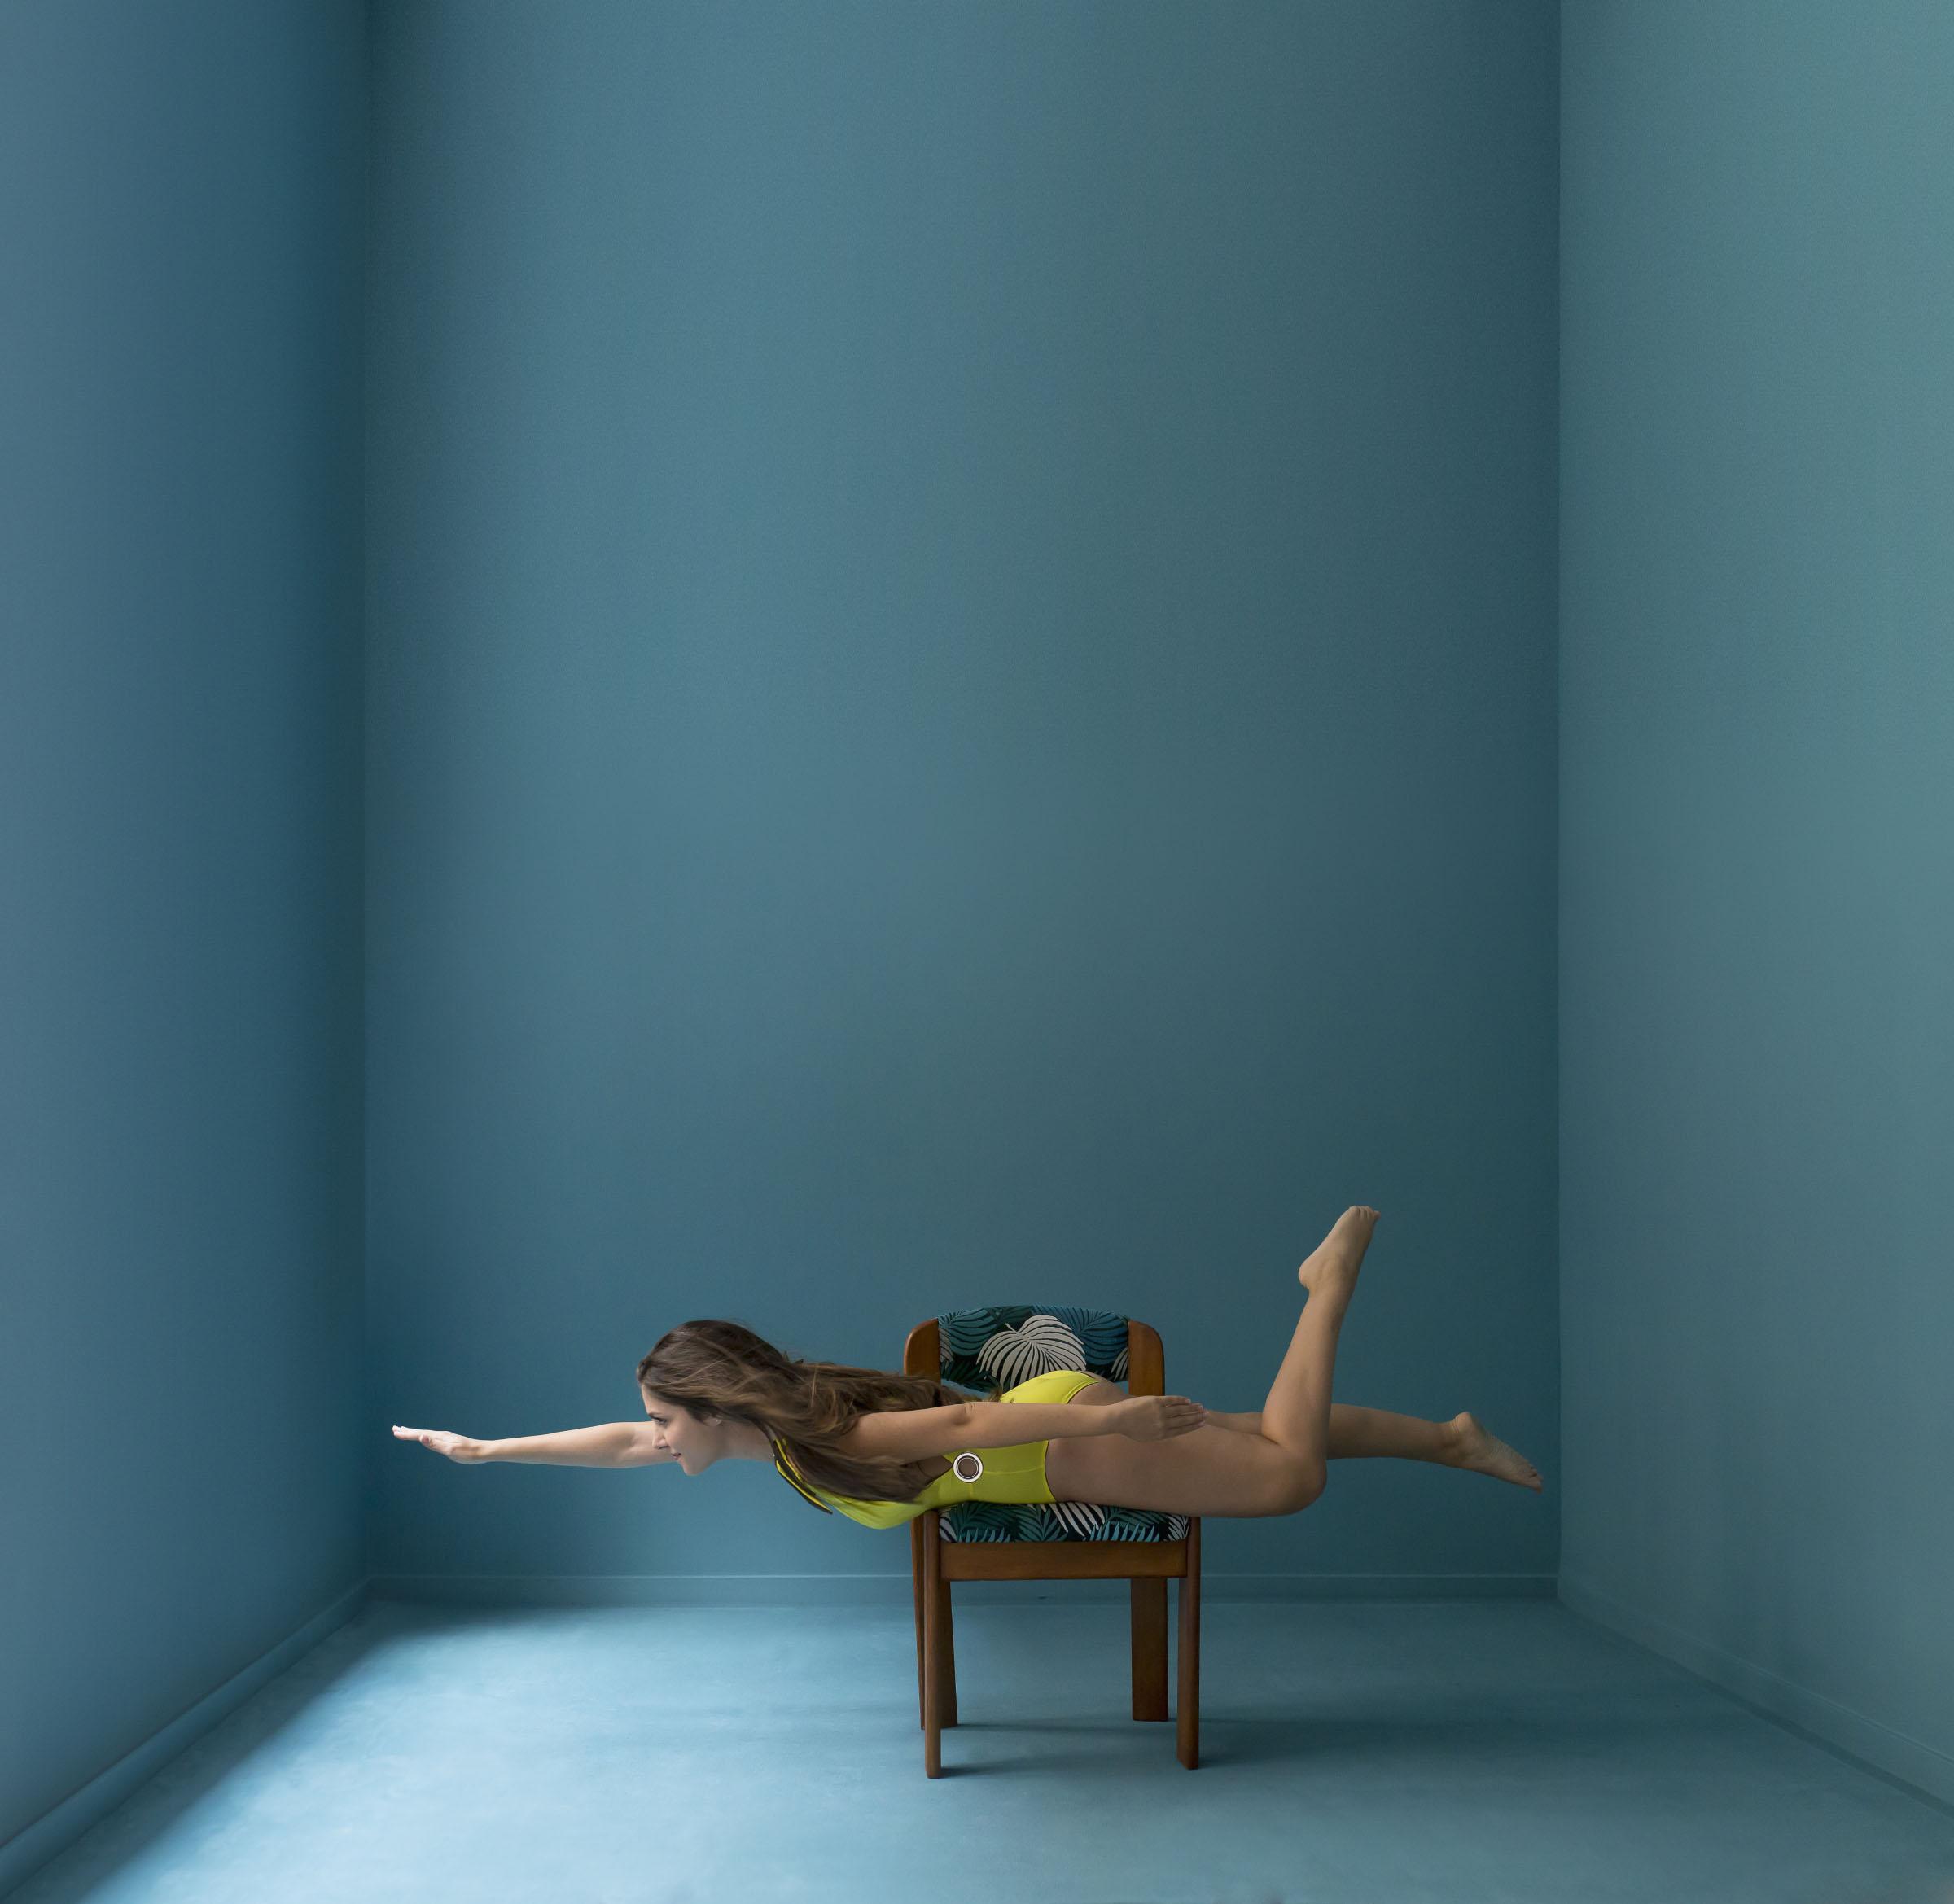 iolanda-sebe-aida-flix-caja-azul-2